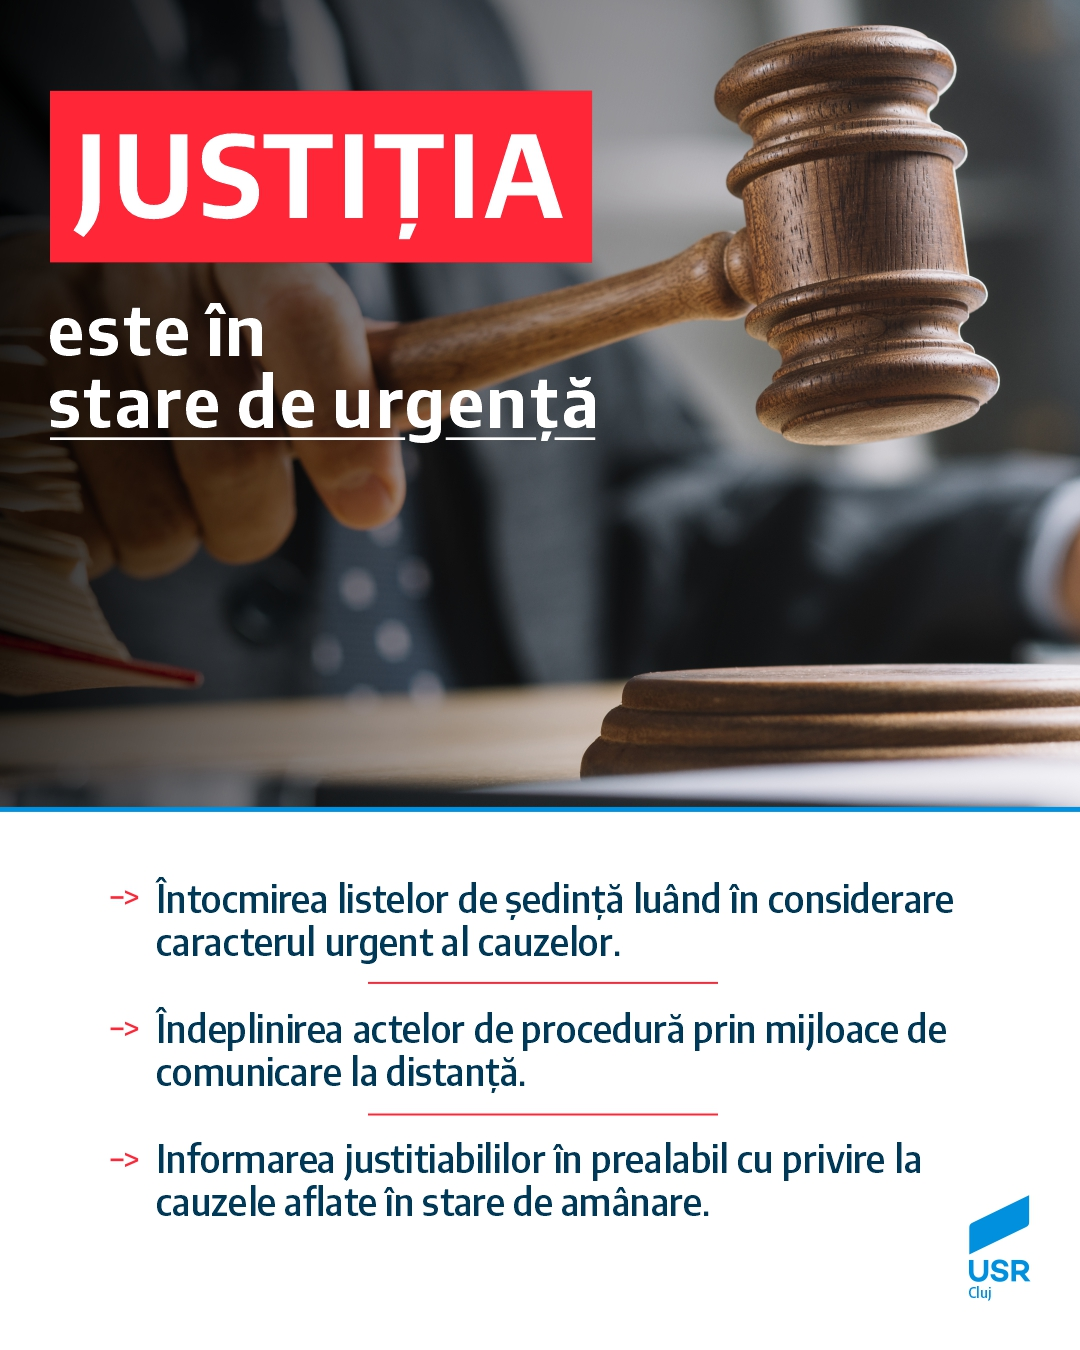 Radu Chirilă: Justiția este în stare de urgență!